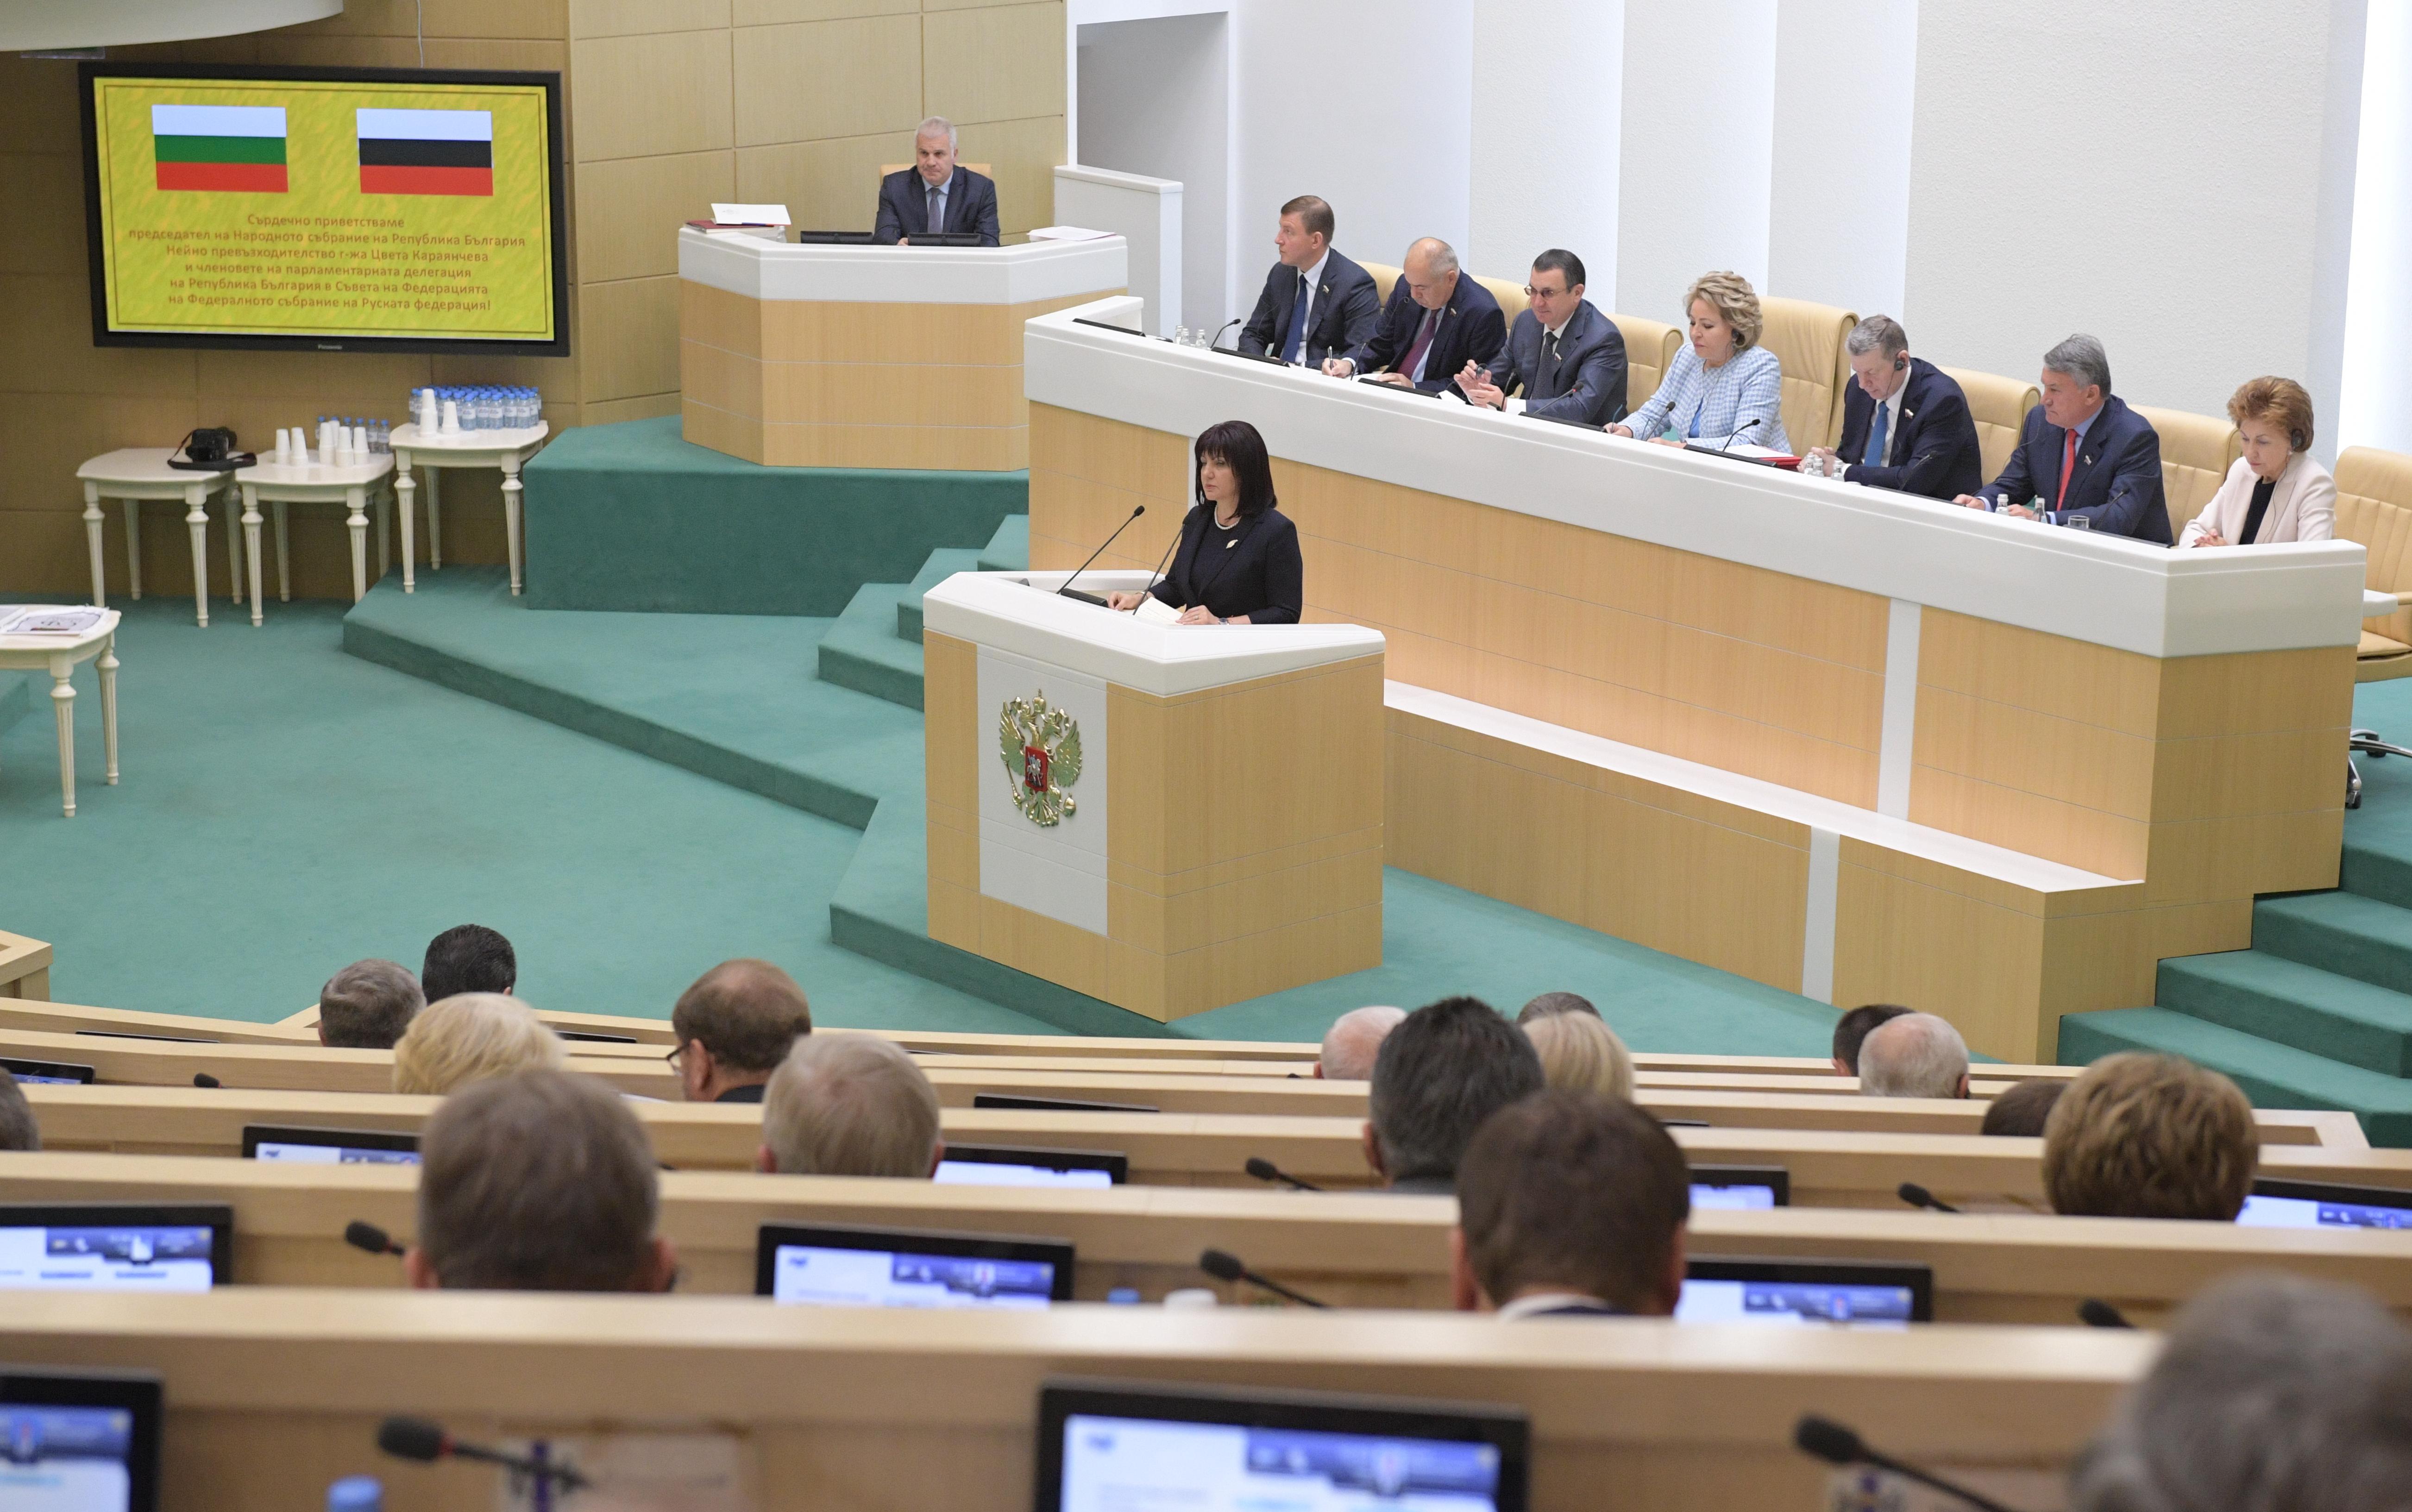 Több bolgár képviselőt is megbírságoltak, amiért nem hordtak maszkot a parlamentben